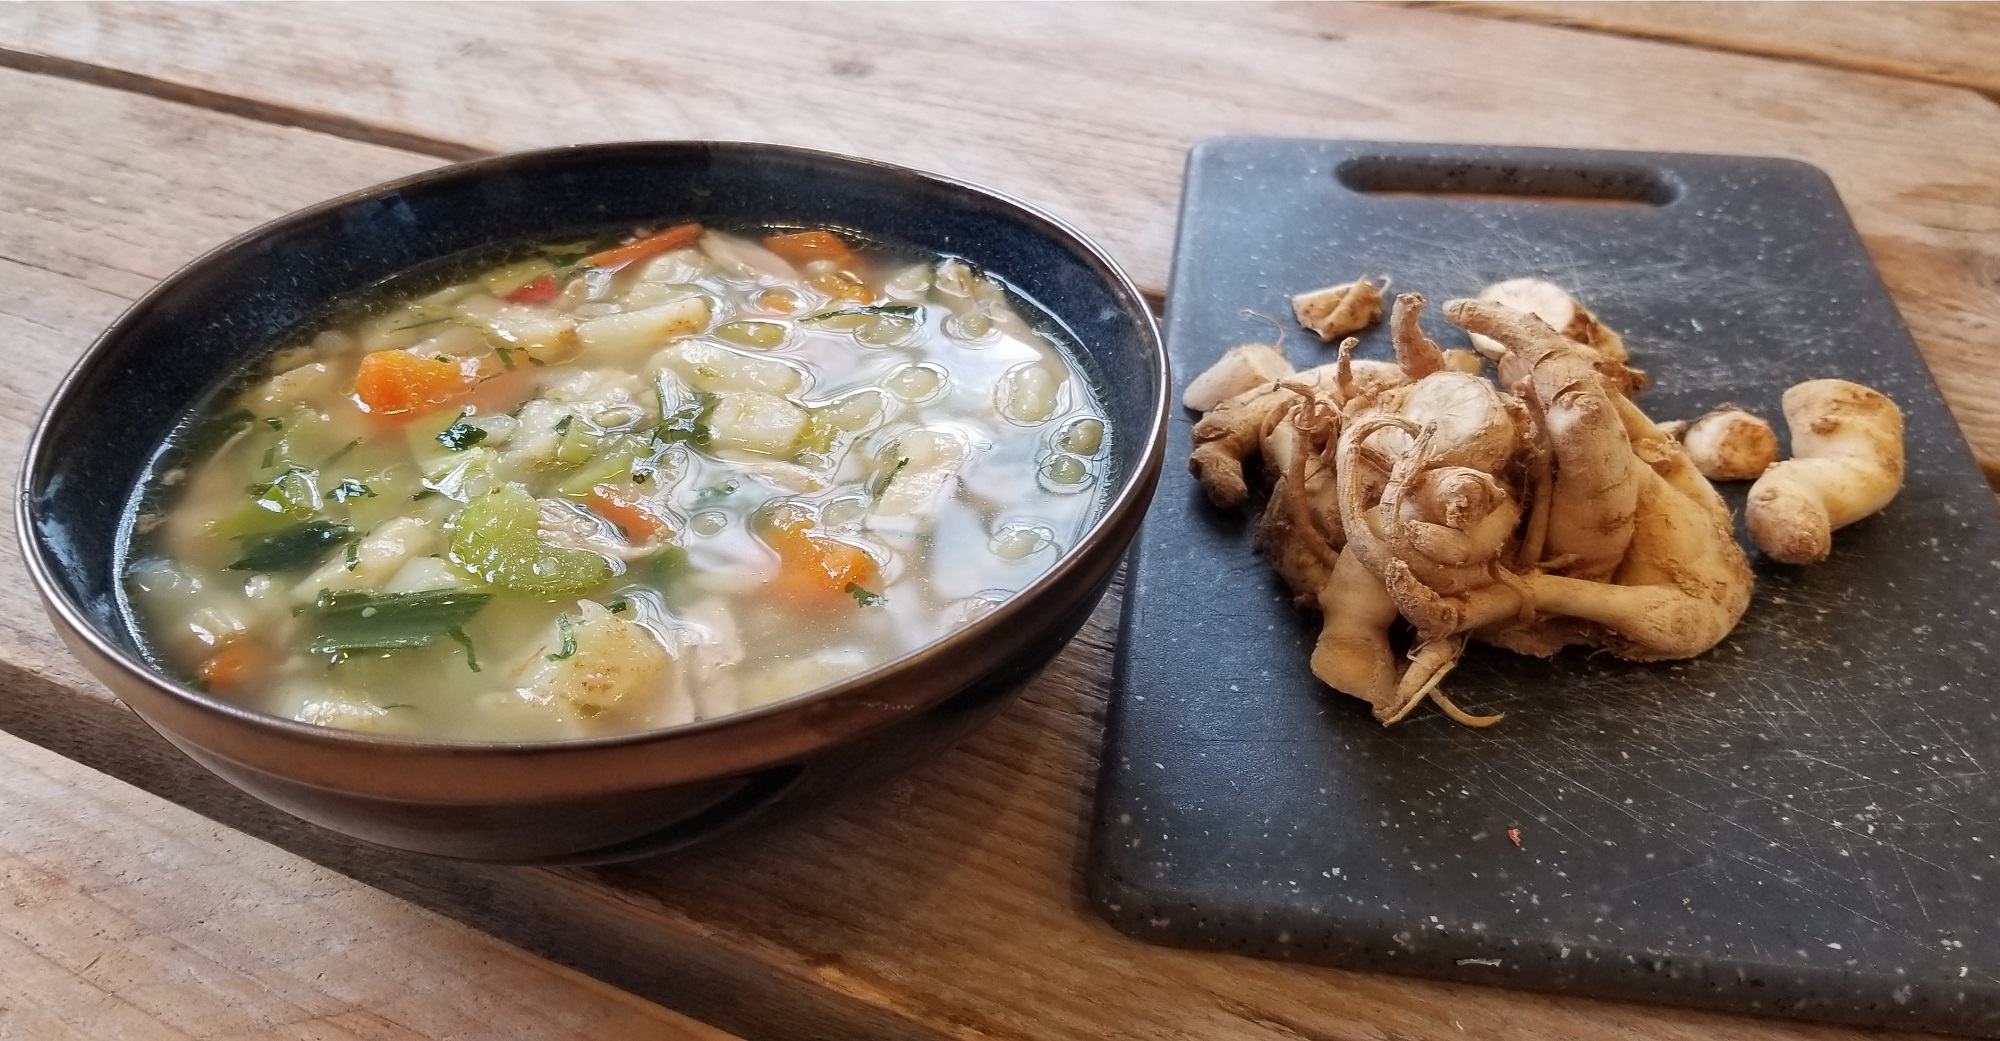 Knolselder soep maken zonder staafmixer